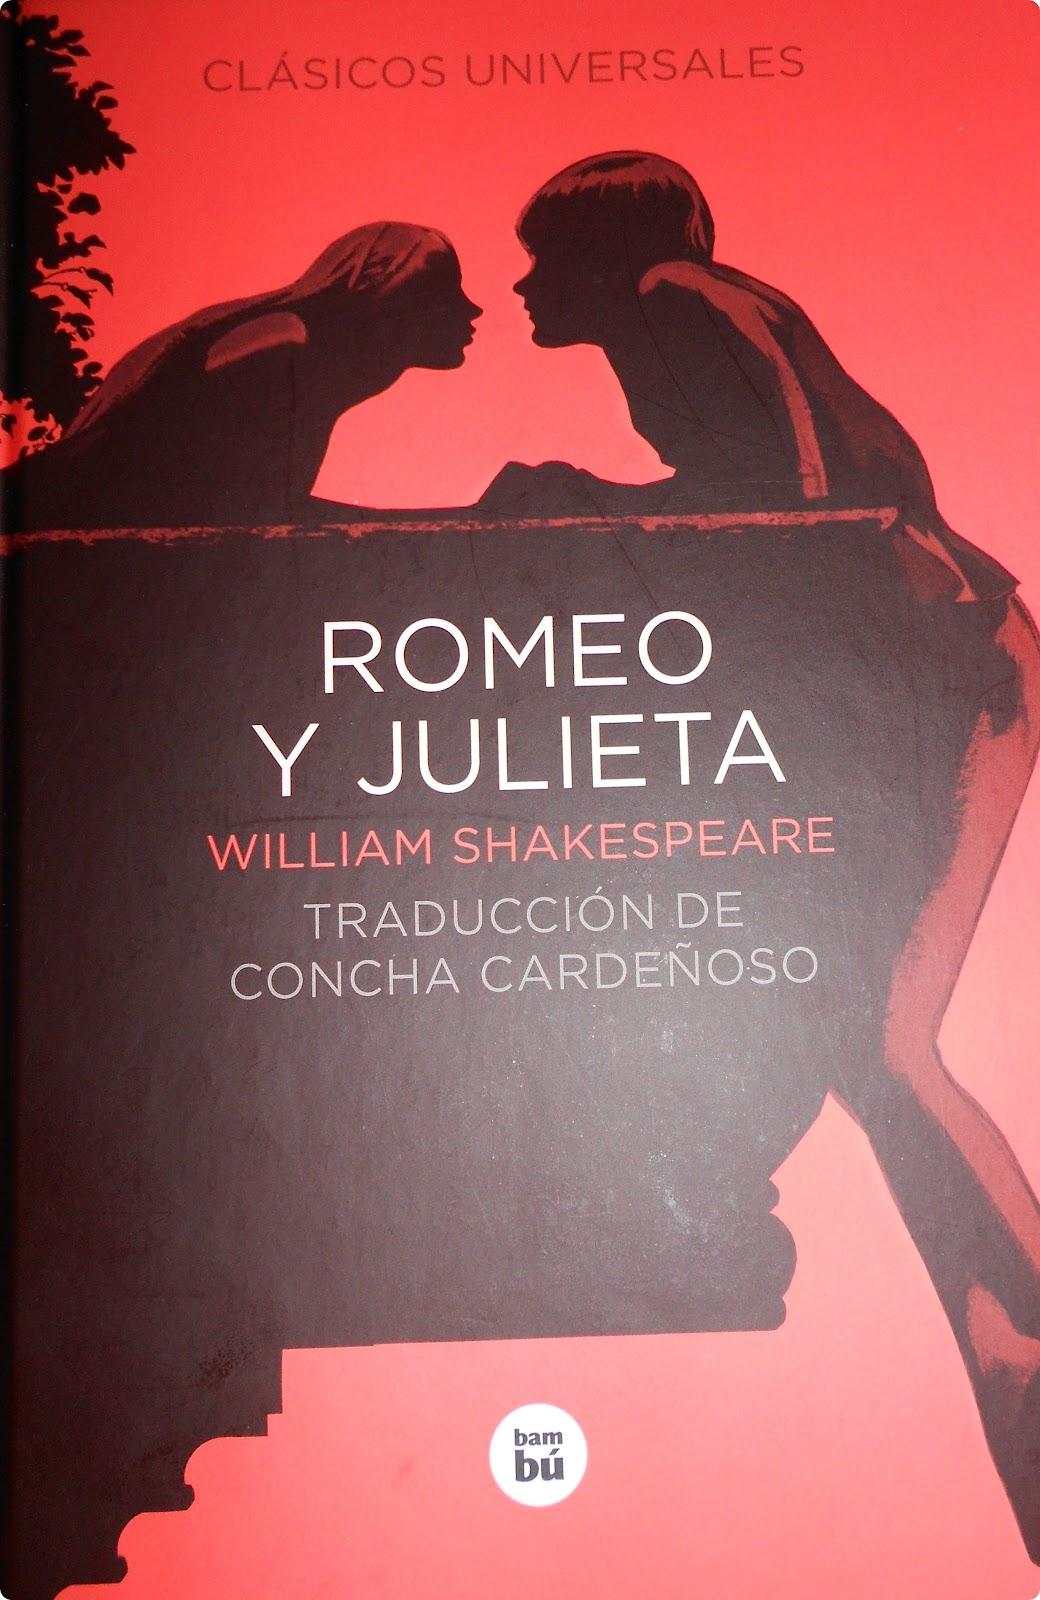 Viajera de libros: Reseña #28 [español] Romeo y Julieta